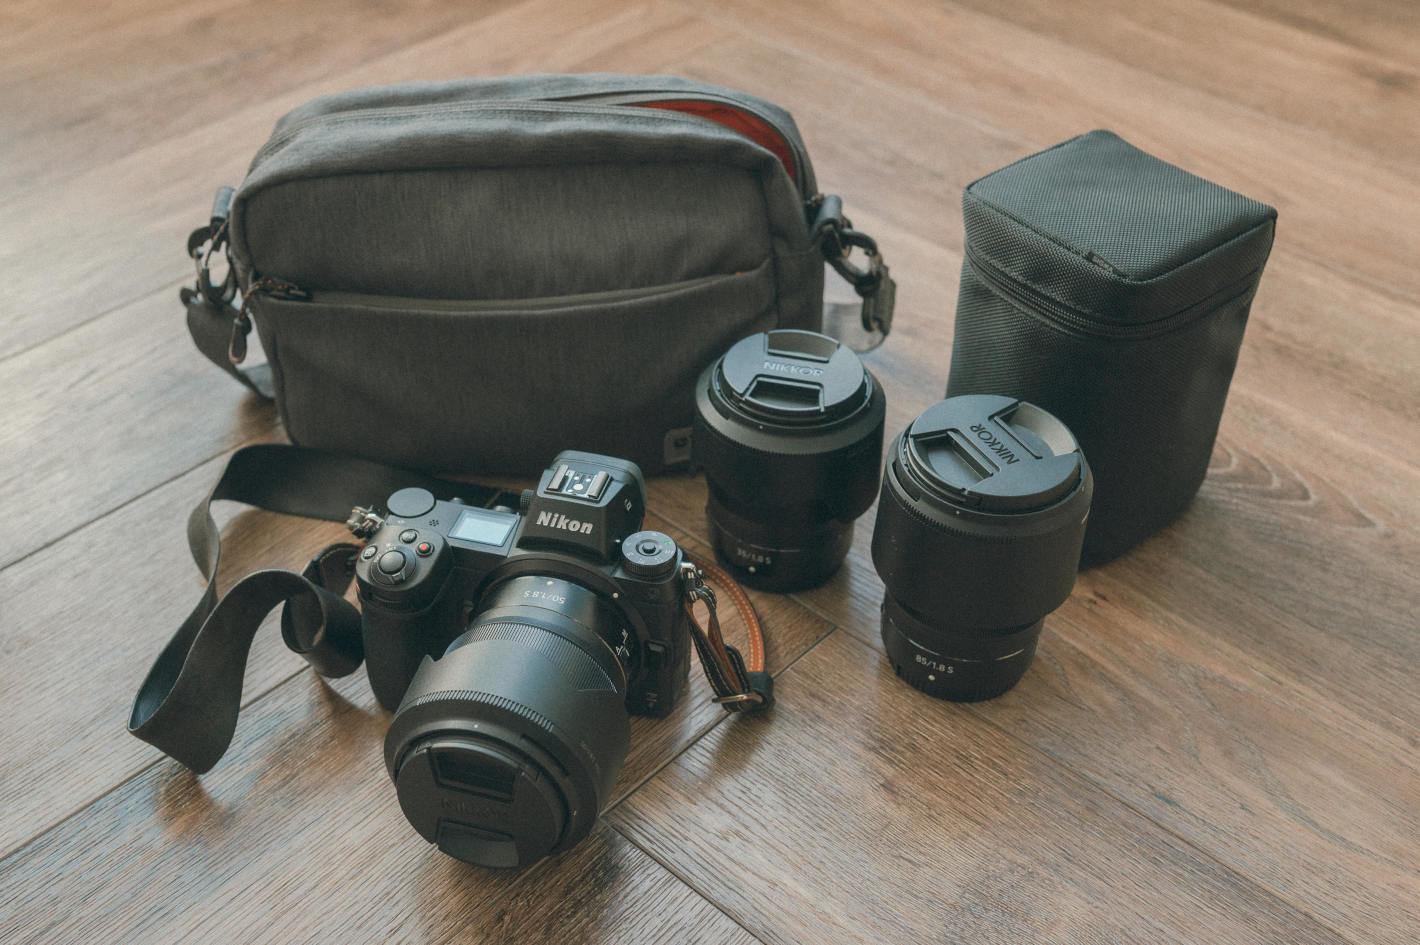 【写真家の愛用レンズ】酒井貴弘×50mm単焦点 - ドキュメンタリーとフィクションの間にあるもの